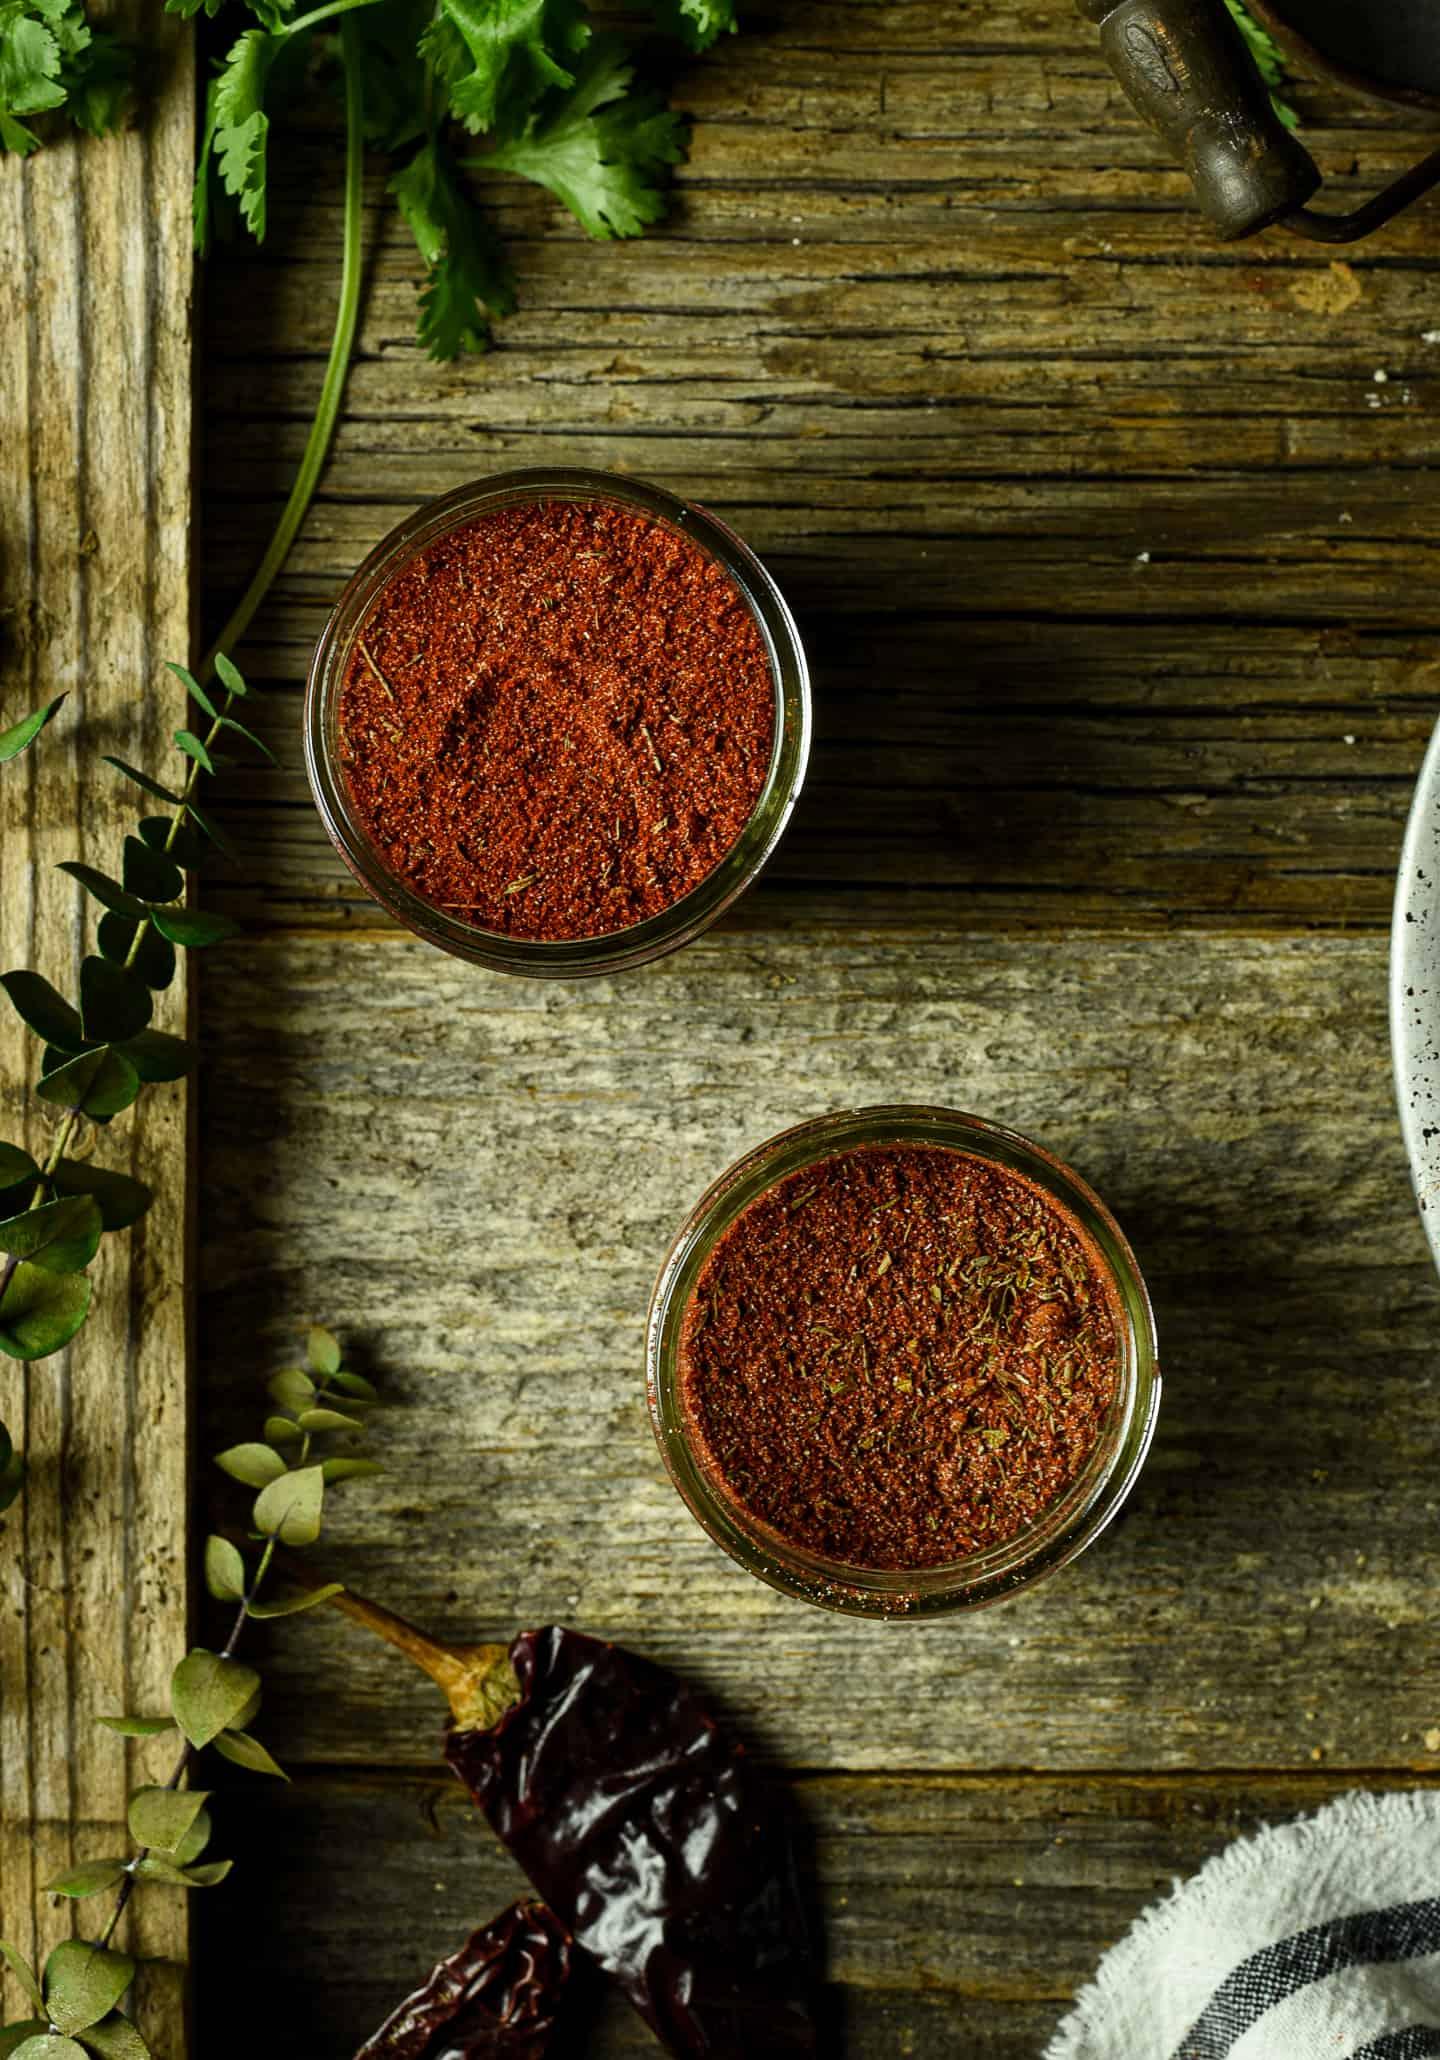 Blackened seasoning in two small jars.